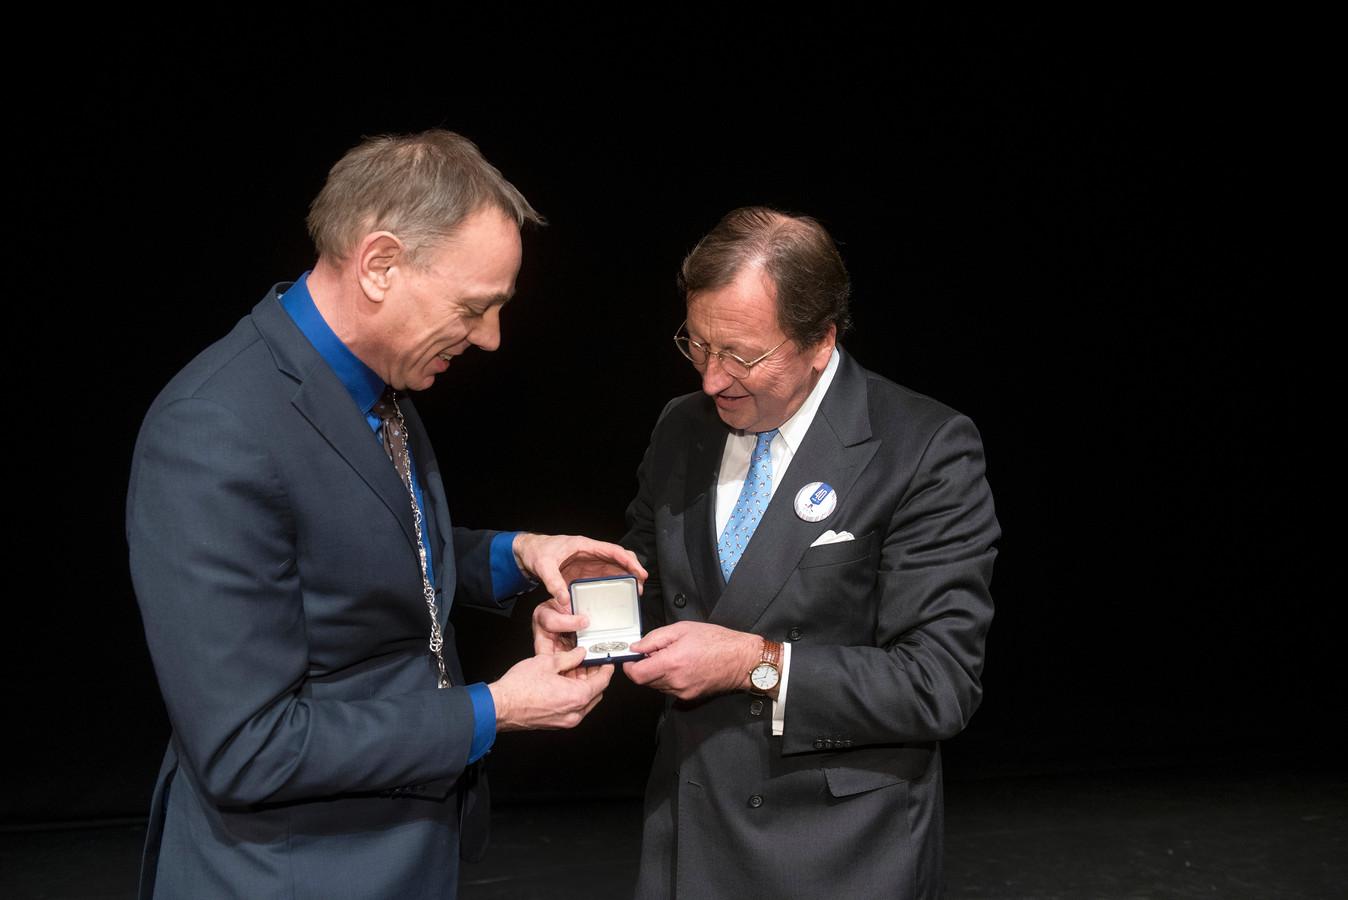 Bart van Meer krijgt de stadspenning uit handen van wethouder König.